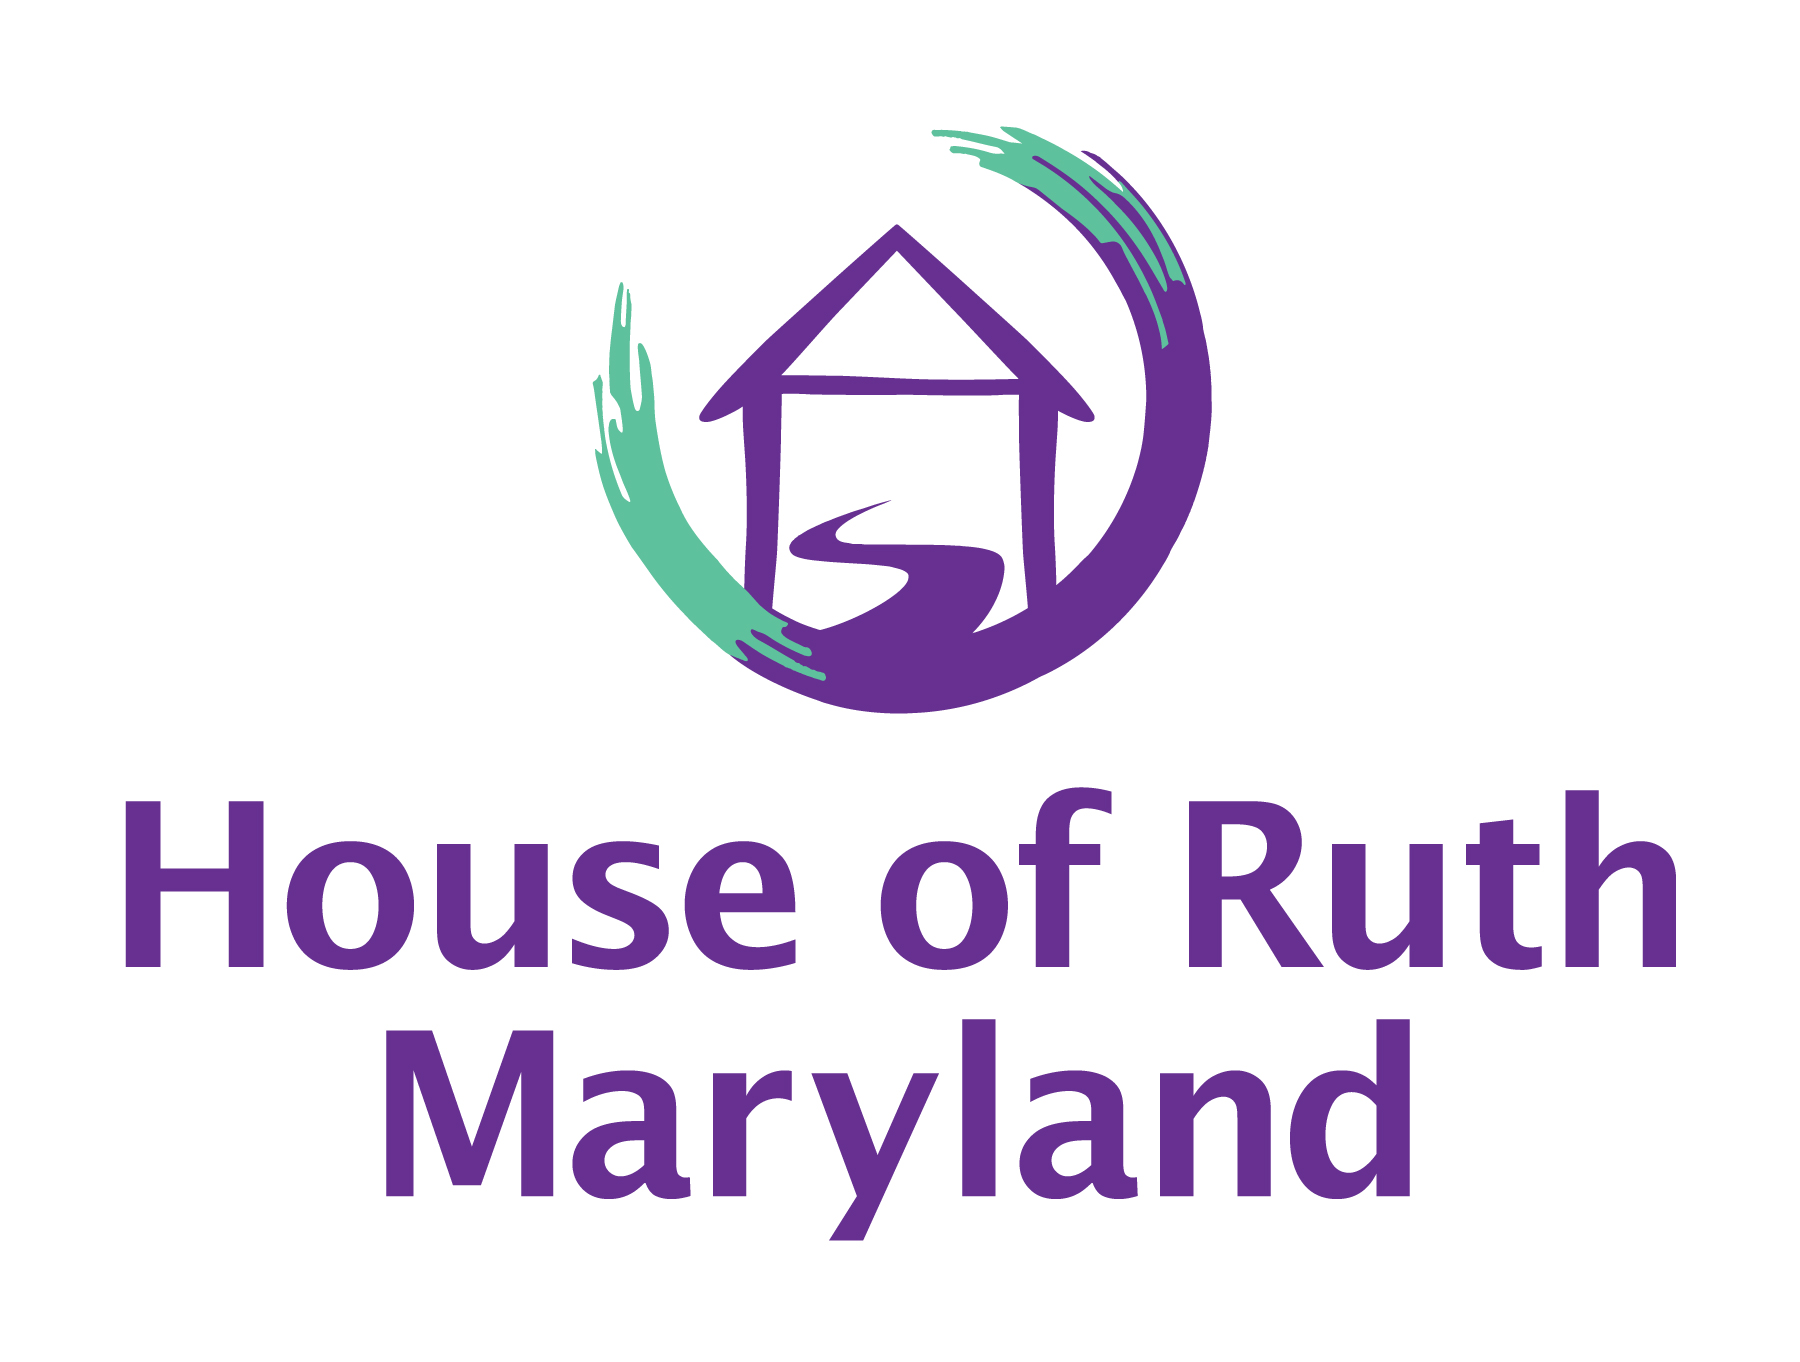 House of Ruth' Maryland logo